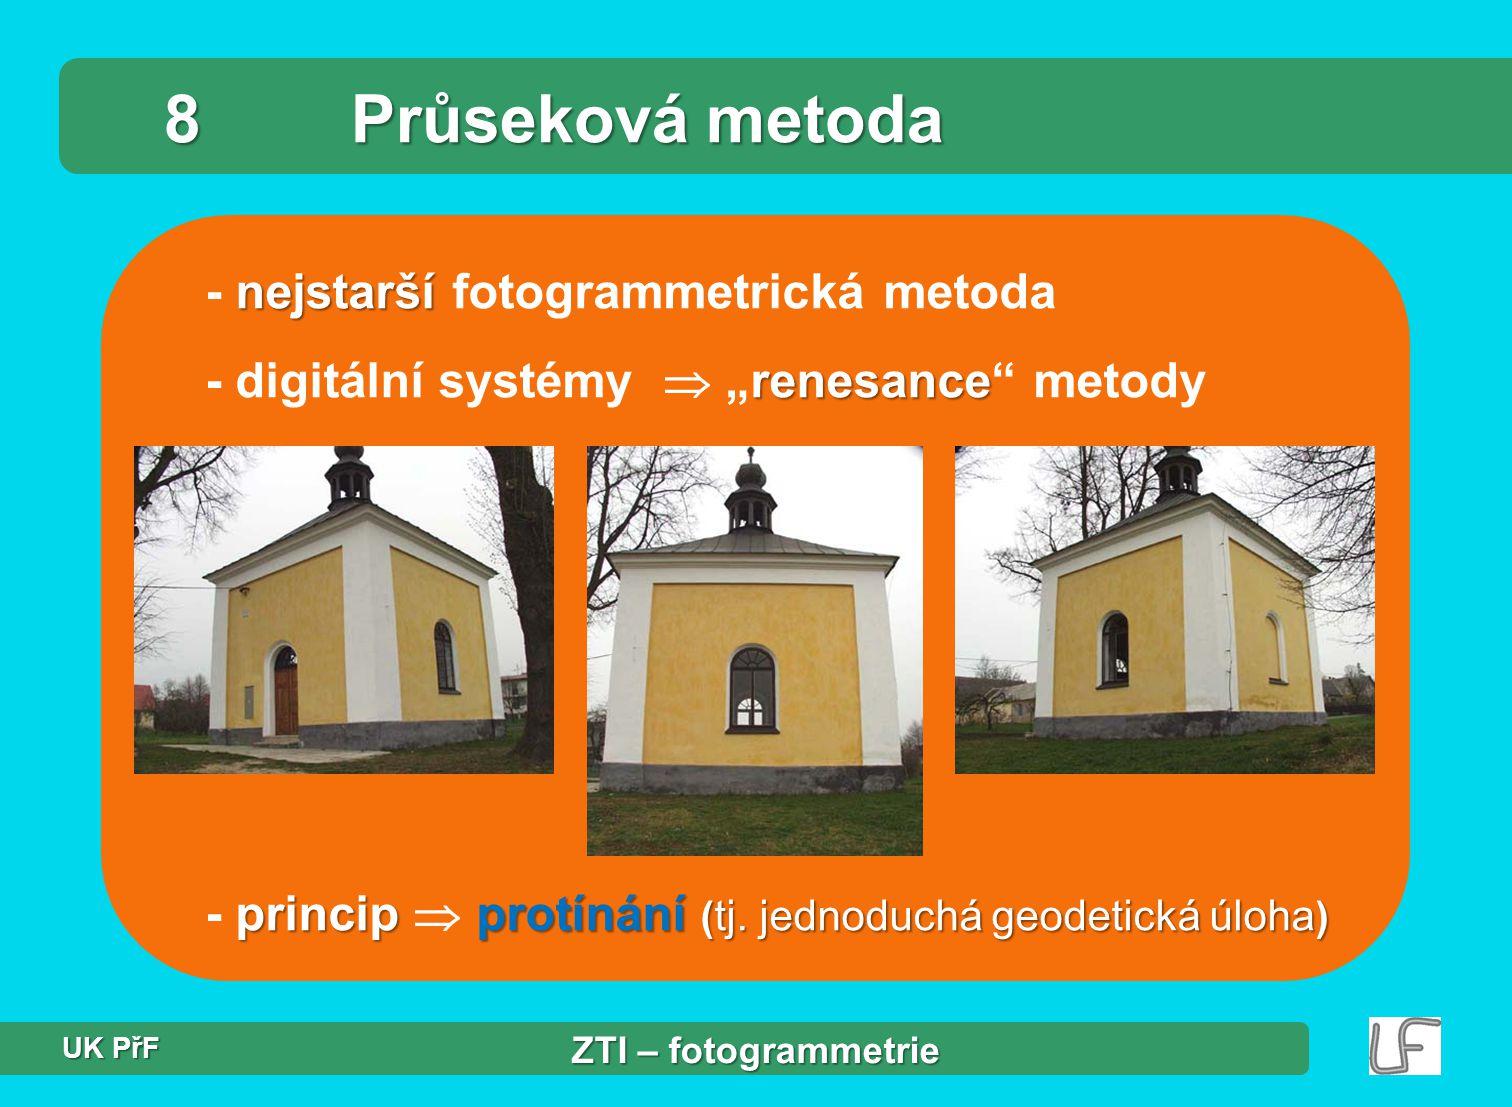 8 Průseková metoda - nejstarší fotogrammetrická metoda